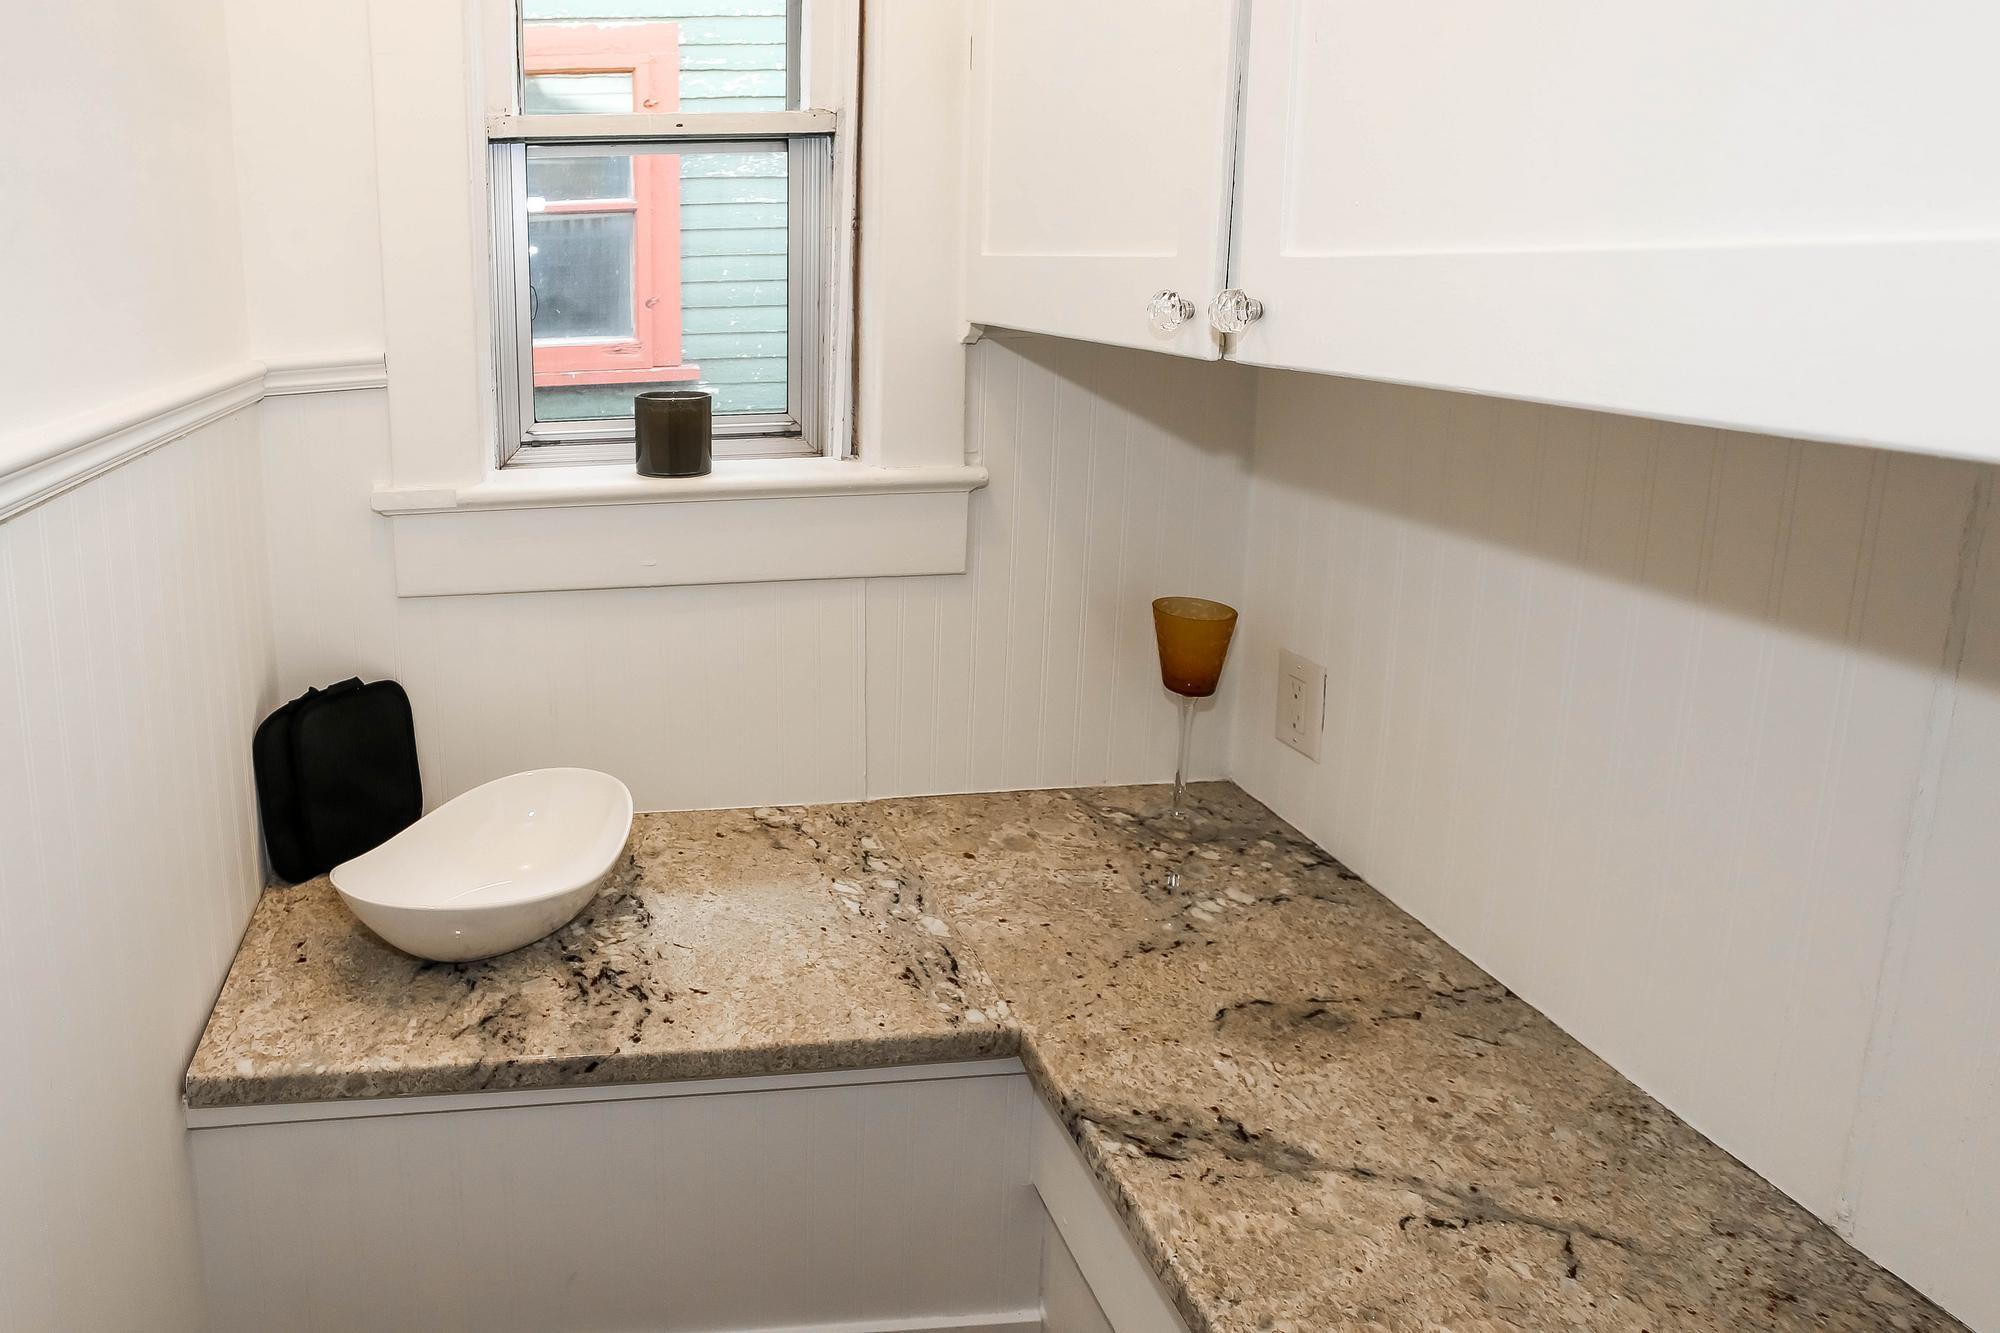 Photo 17: Photos: 108 LENORE Street in Winnipeg: Wolseley Single Family Detached for sale (5B)  : MLS®# 202013079